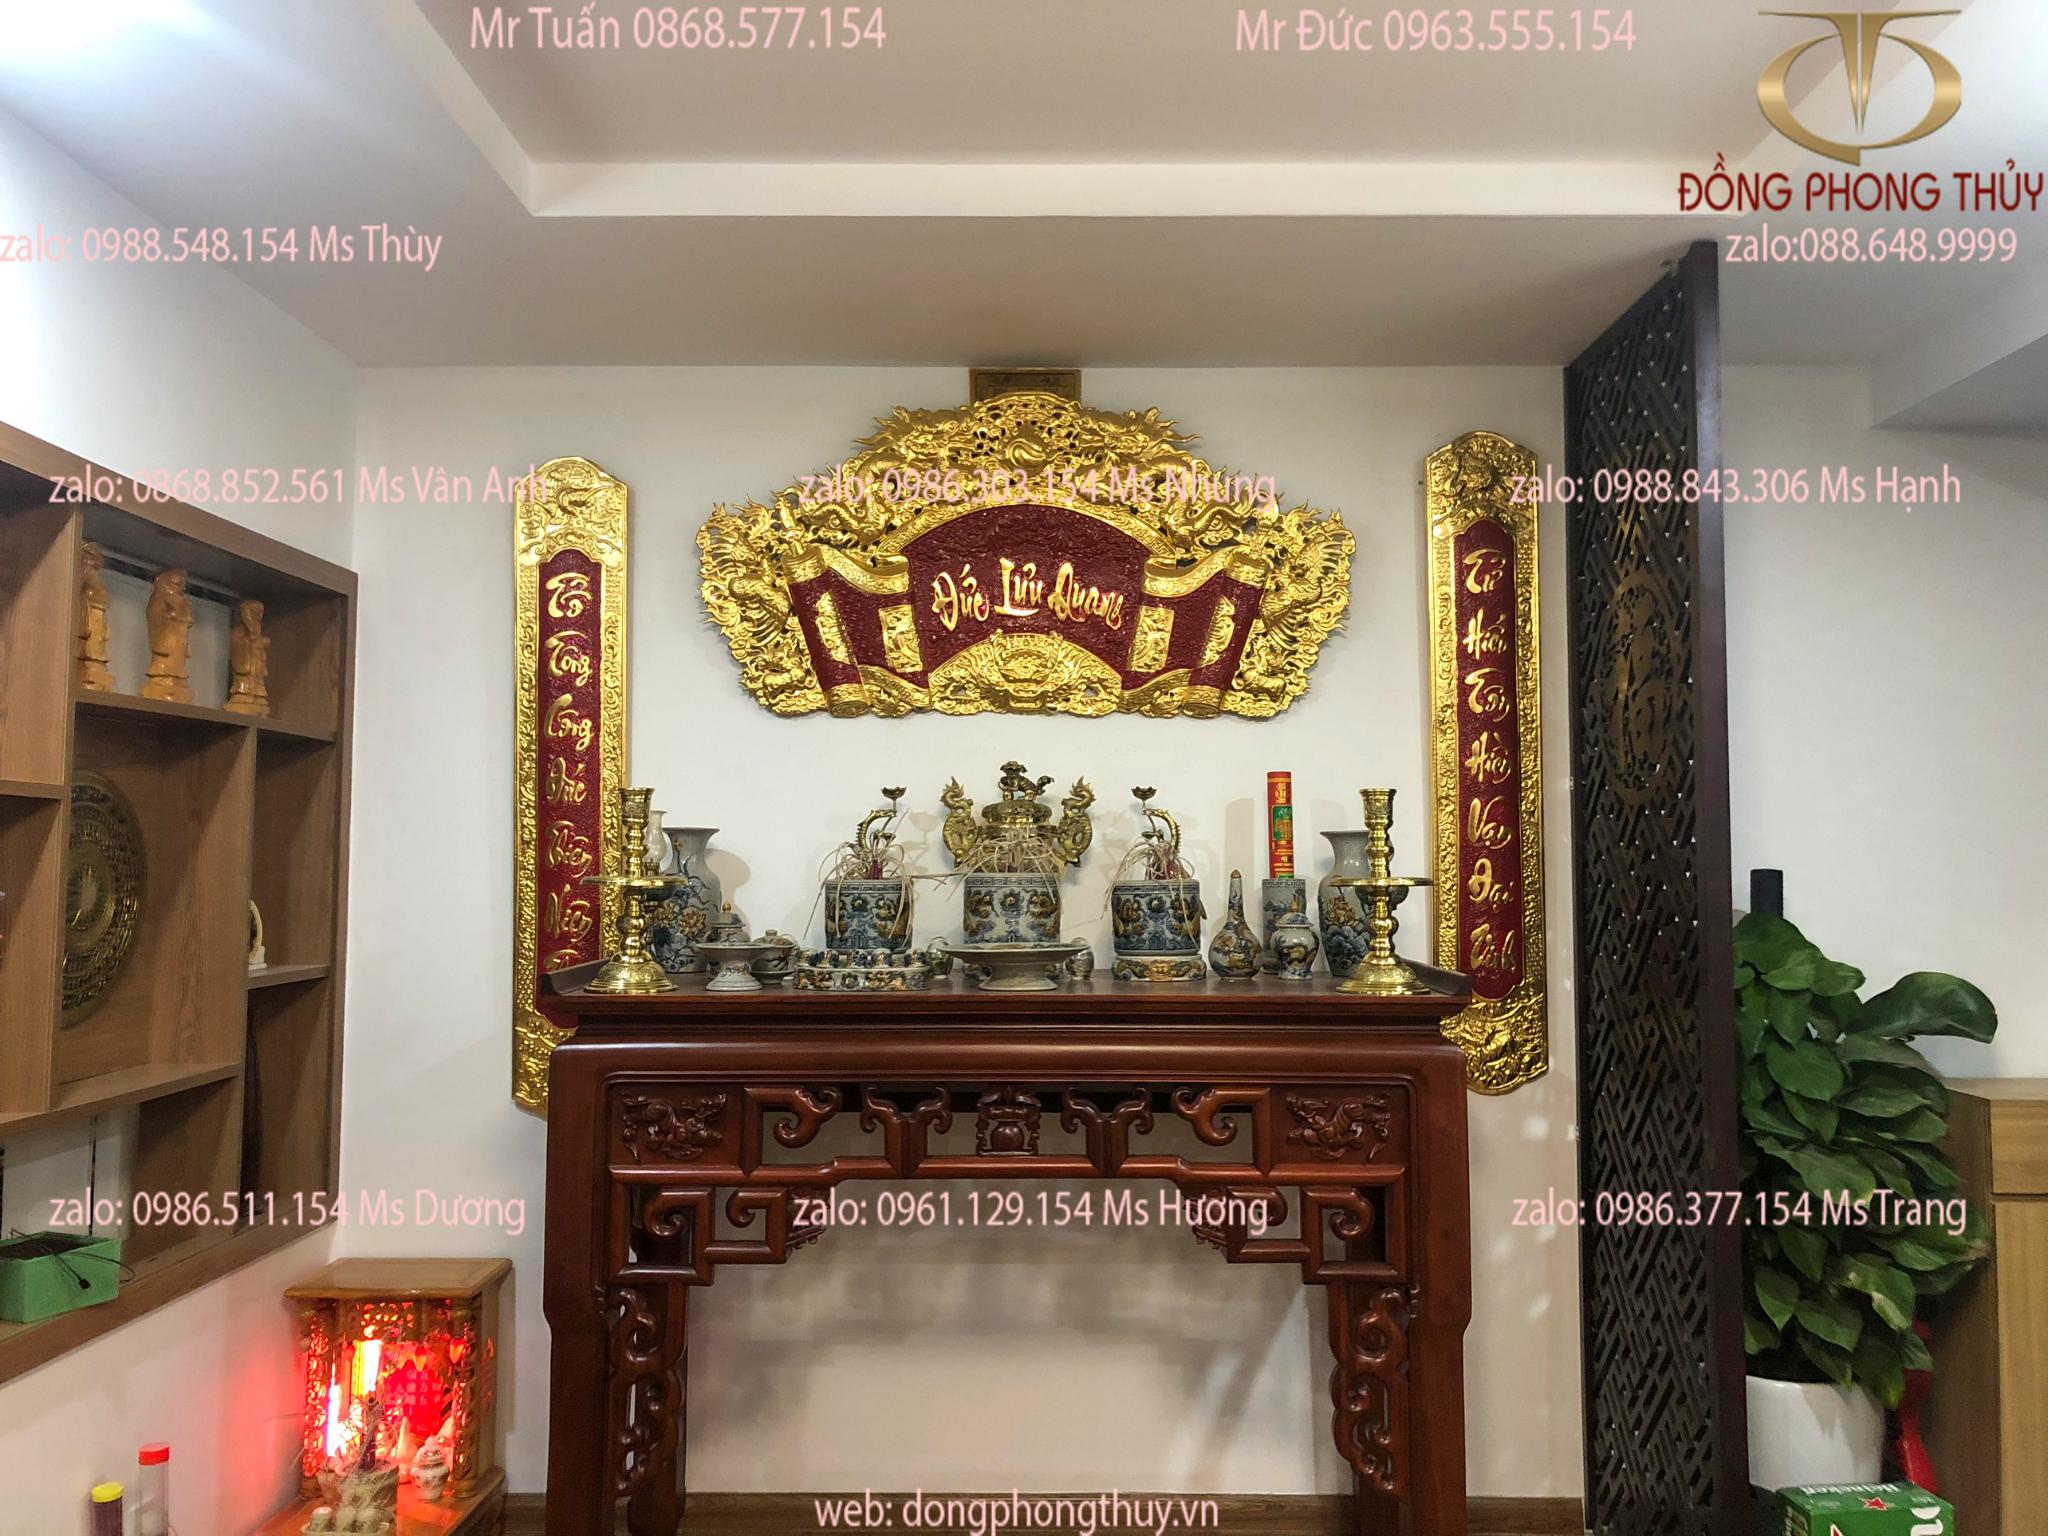 Bộ cuốn thư câu đối bằng đồng dát vàng 24k 1m55 giao cho chú Dũng ở timecity Hà Nội